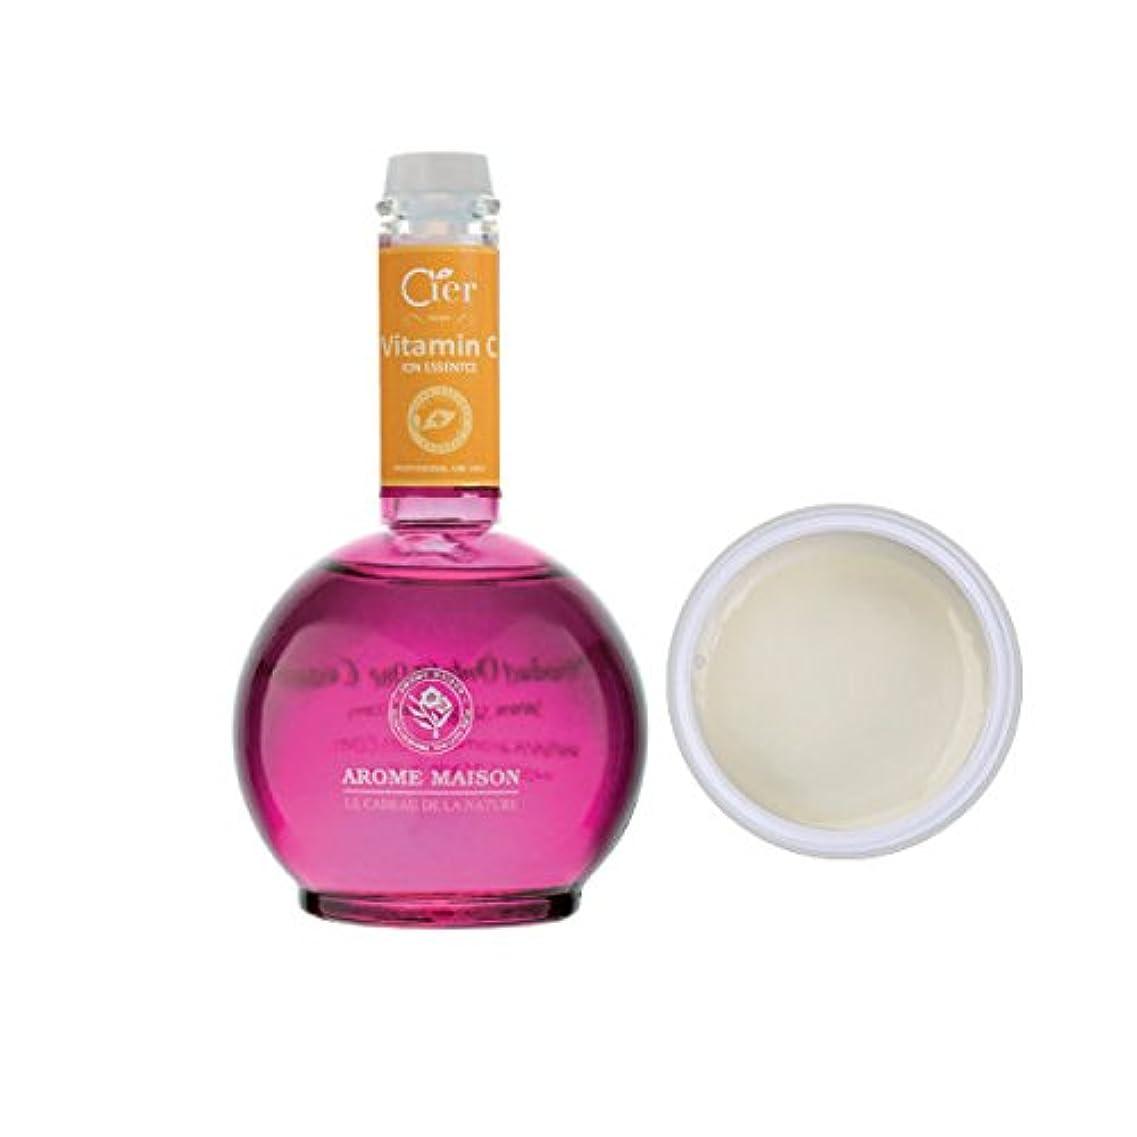 < シエル > ビタミンC5 高濃度美容液 100ml [ 美容液 エッセンス モイスチャーエッセンス モイスチャー美容液 保湿美容液 イオン導入美容液 業務用 ]